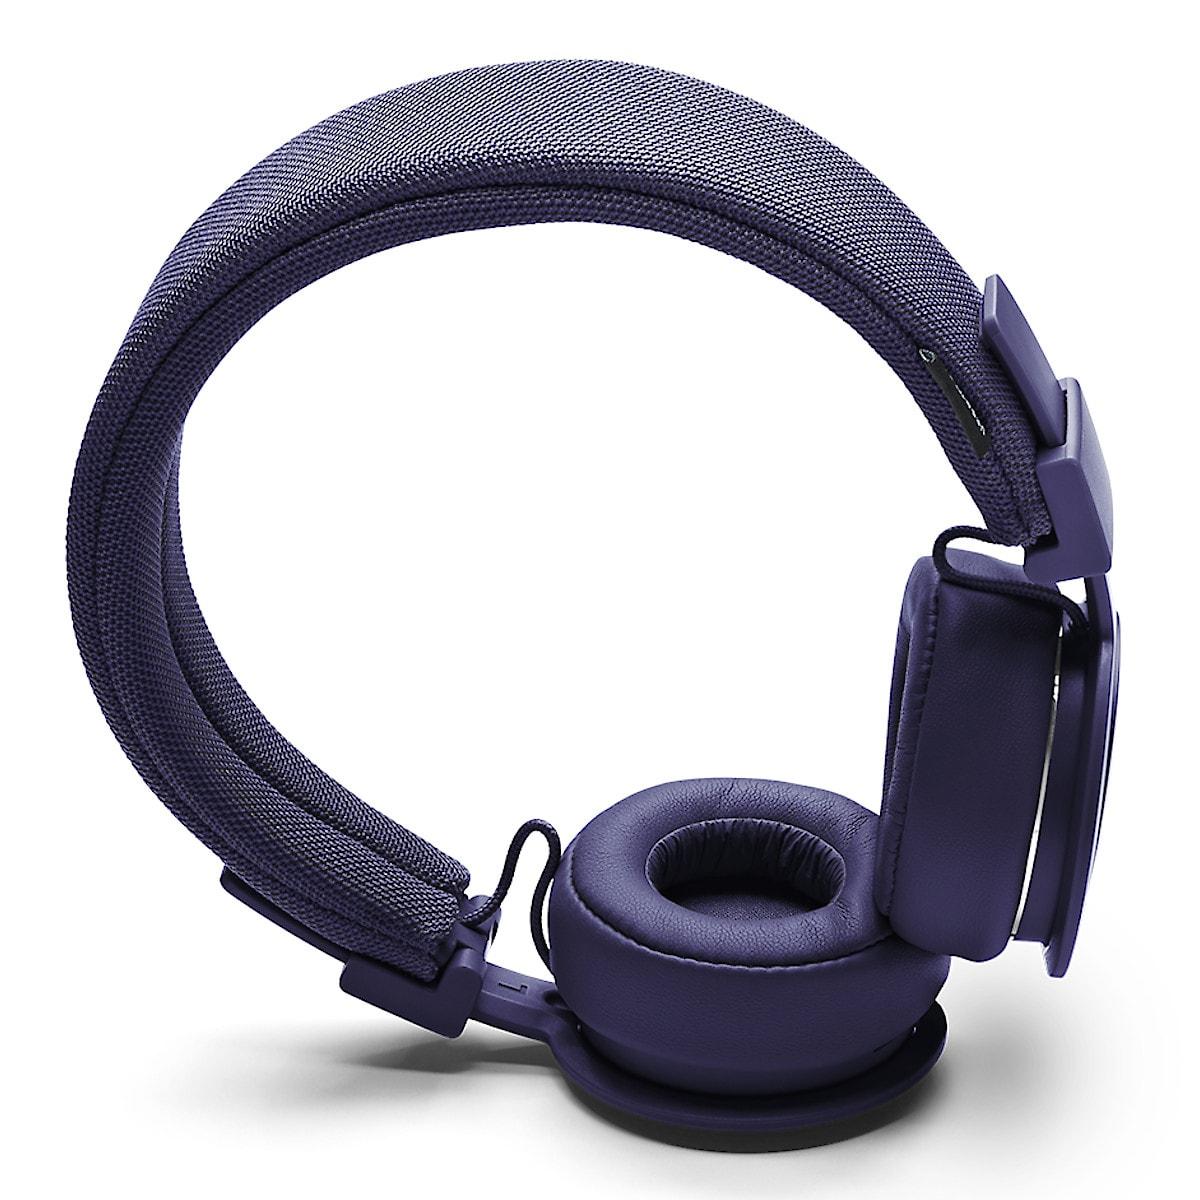 Trådlösa hörlurar med mikrofon, Urbanears Plattan ADV Wireless